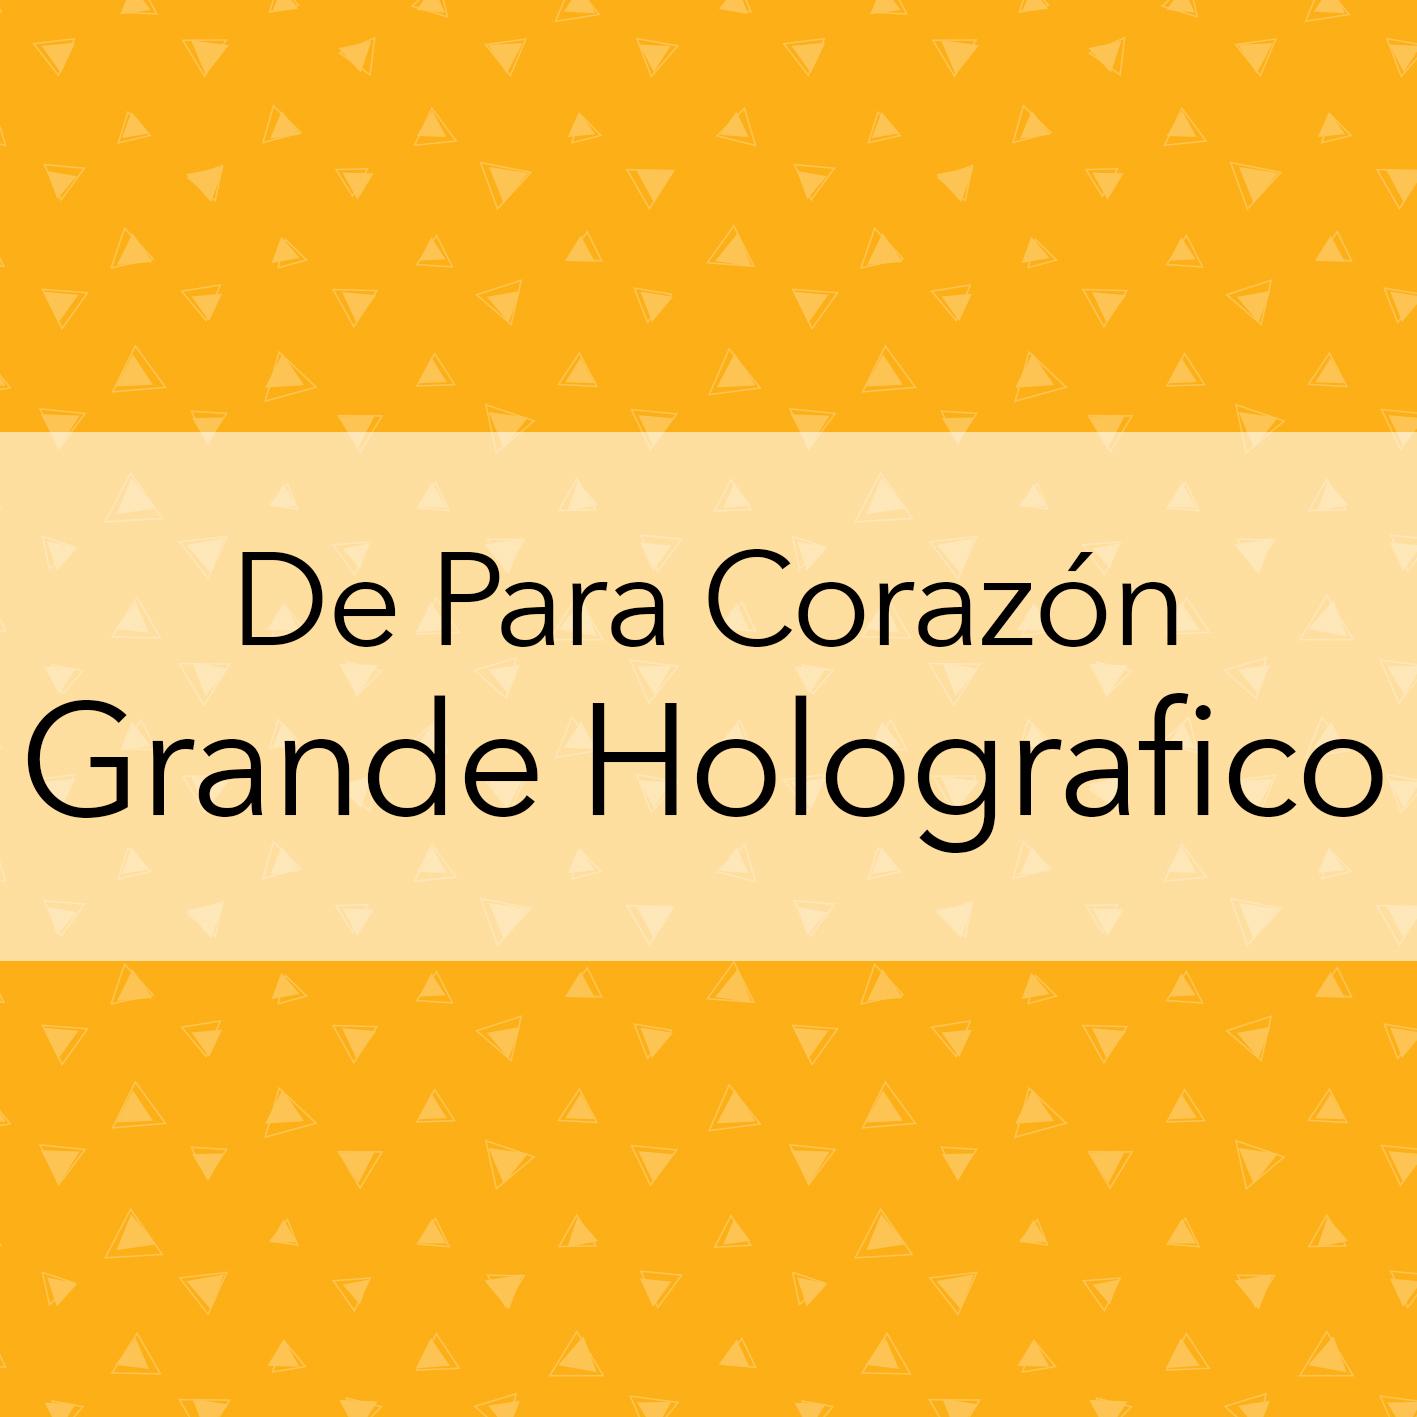 DE PARA CORAZÓN GRANDE HOLOGRAFICO